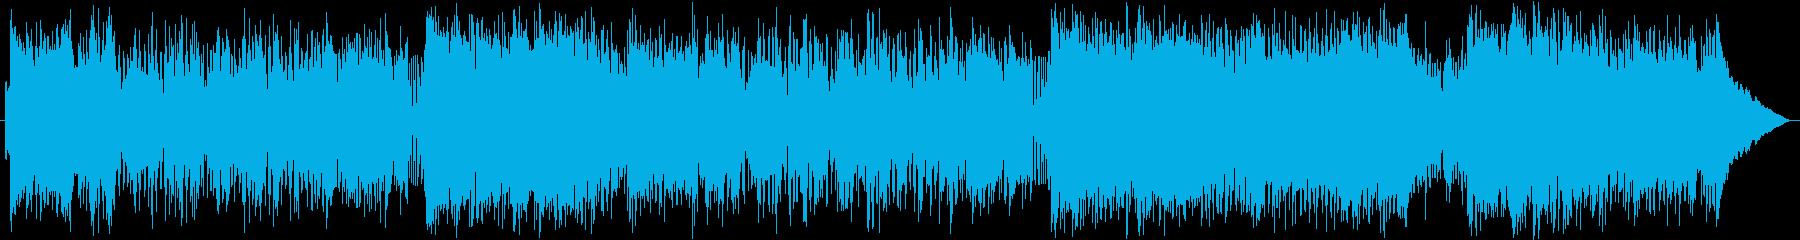 エンディング、スタッフロールなどに合い…の再生済みの波形